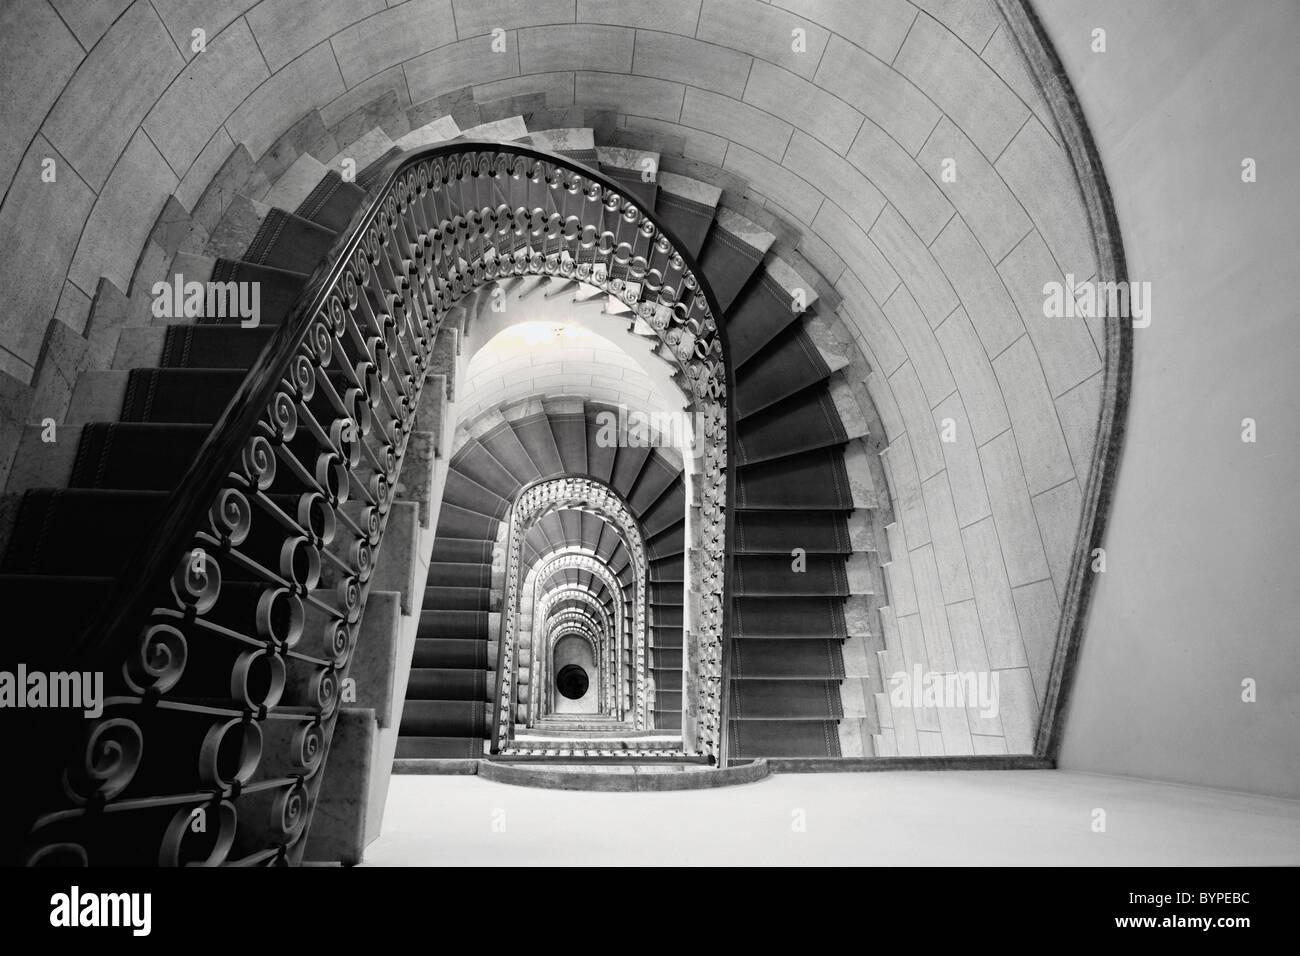 Point de vue de l'escalier, Marriott Grand Flora Hotel, Rome, Italie Photo Stock